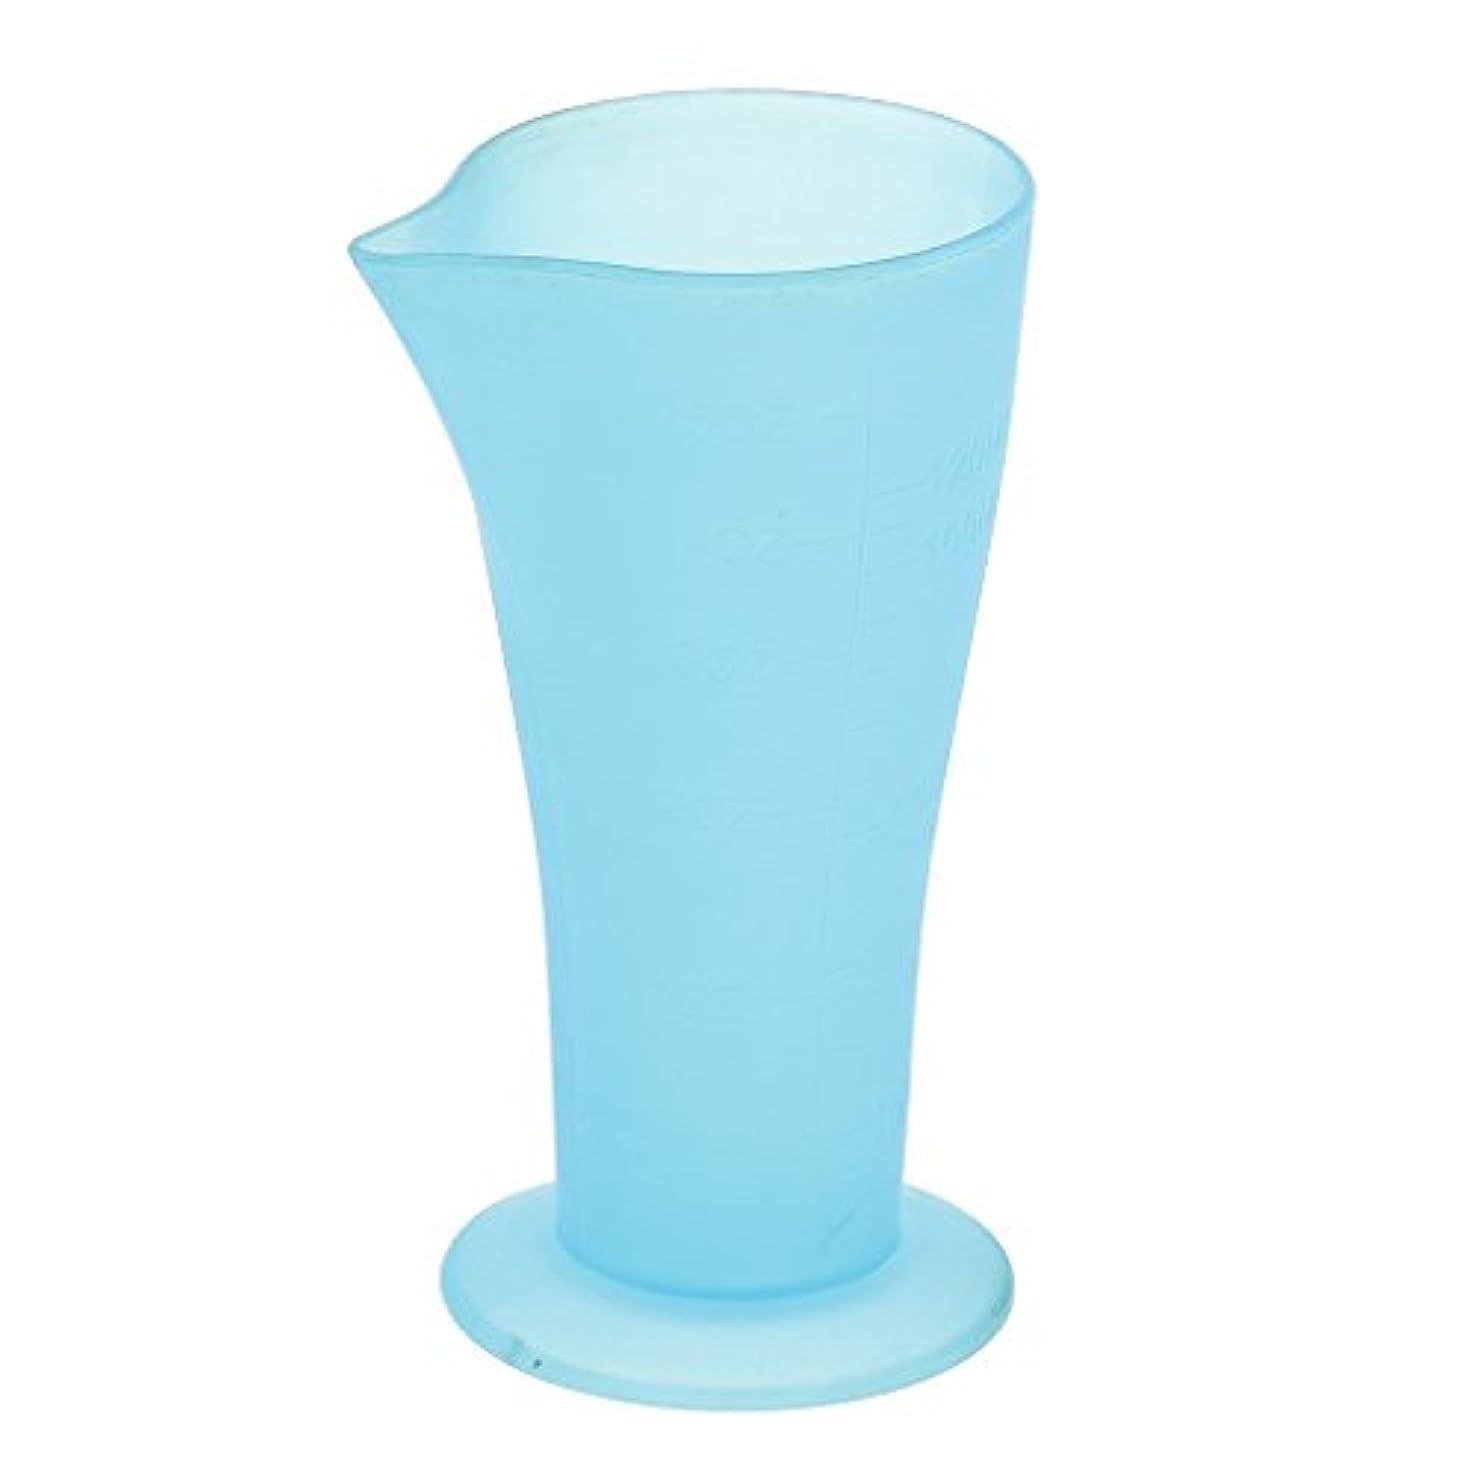 上げる蜜一致計量カップ ヘアダイカップ プラスチック サロン 髪の色合い 色の混合用 読みやすい測定 再使用可能